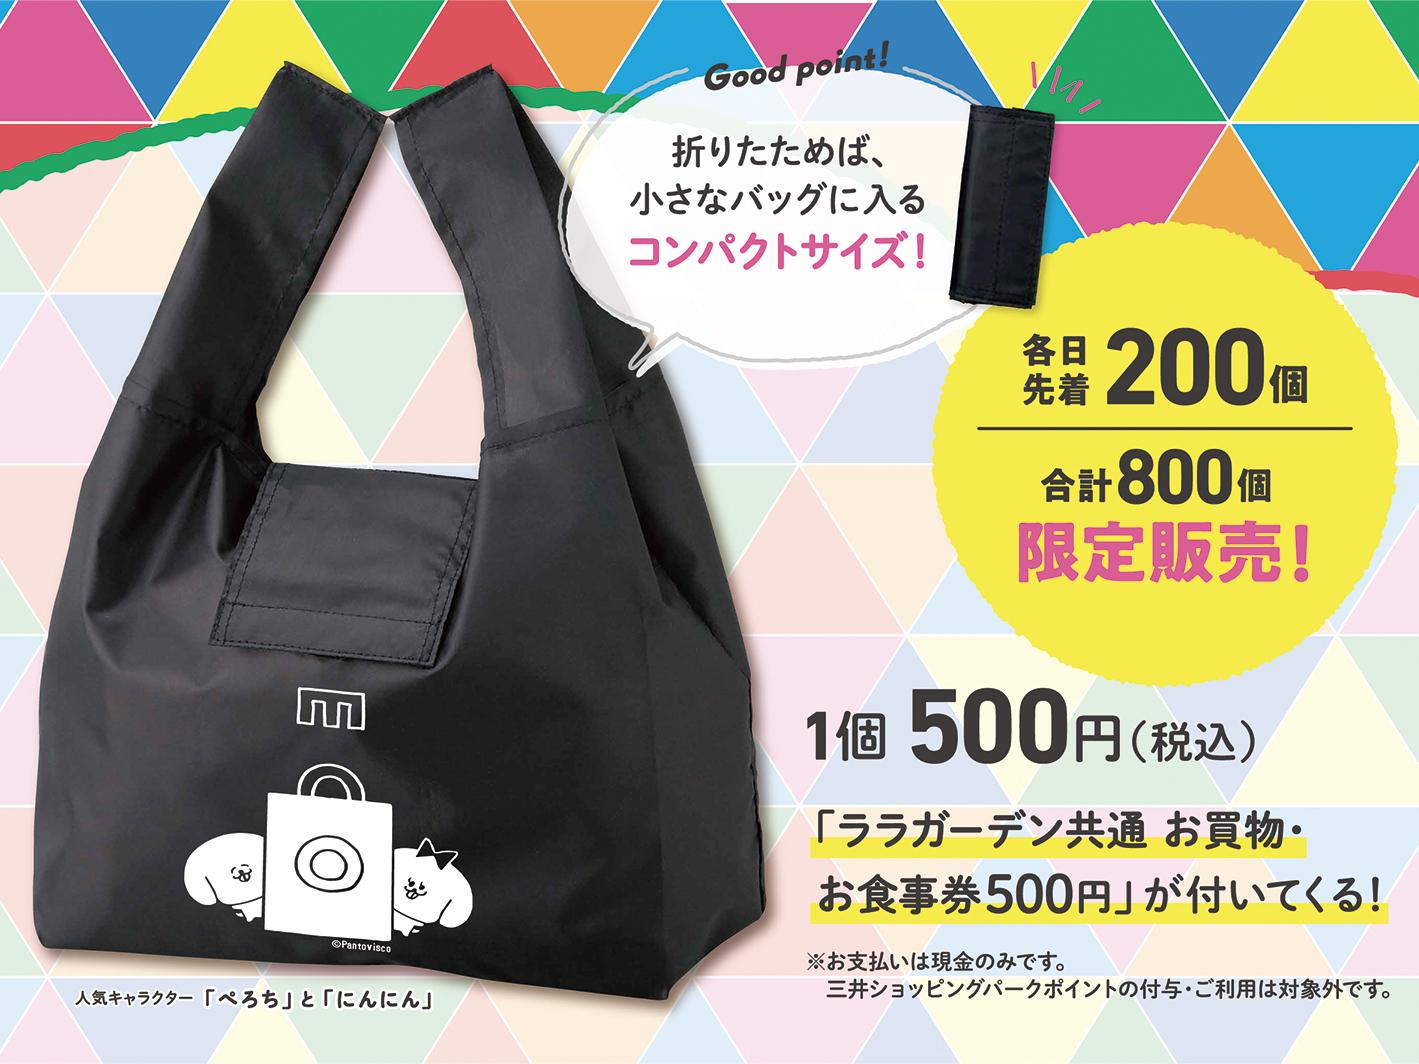 『ララガーデン長町』×マルチクリエイター「パントビスコ」 オリジナルエコバッグを9/19㈯〜22(火•祝)限定発売!